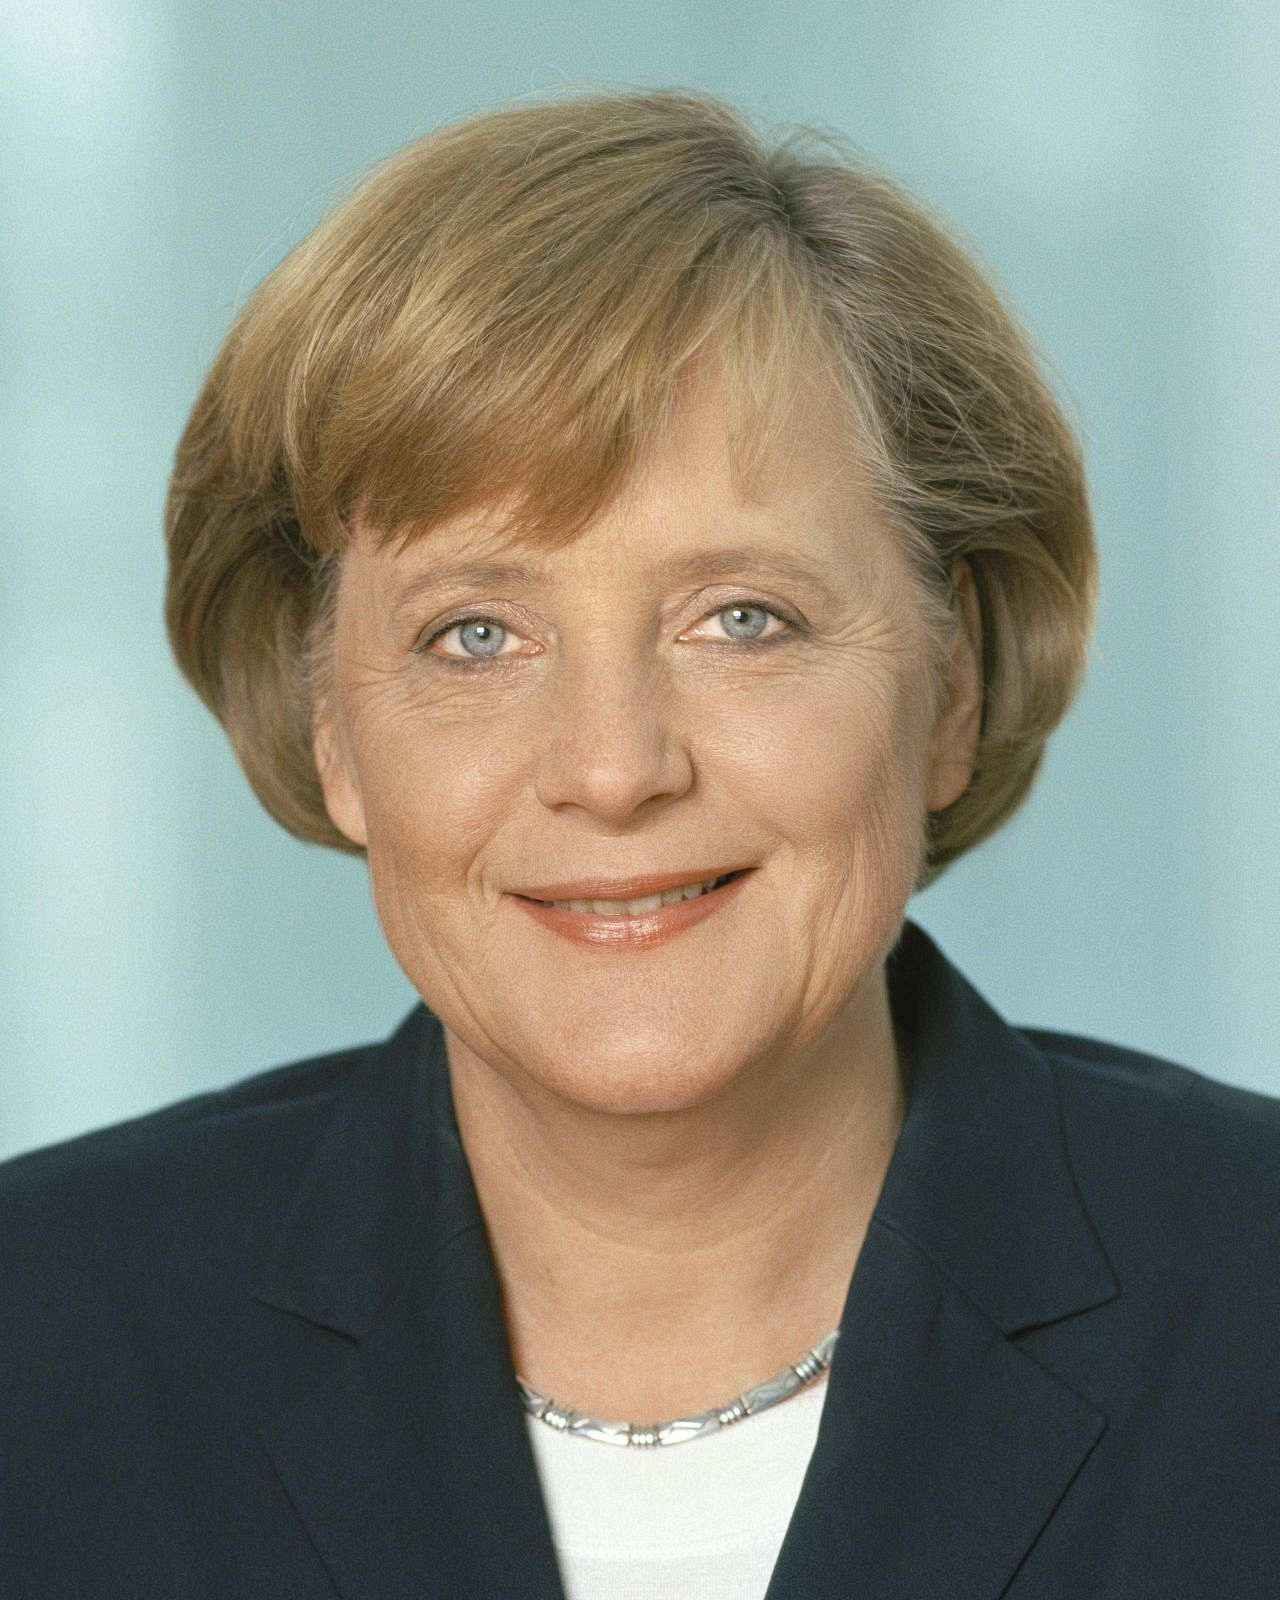 offizielles portrt von angela merkel bundeskanzlerin der bundesrepublik deutschland seit 2005 - Ulrich Merkel Lebenslauf